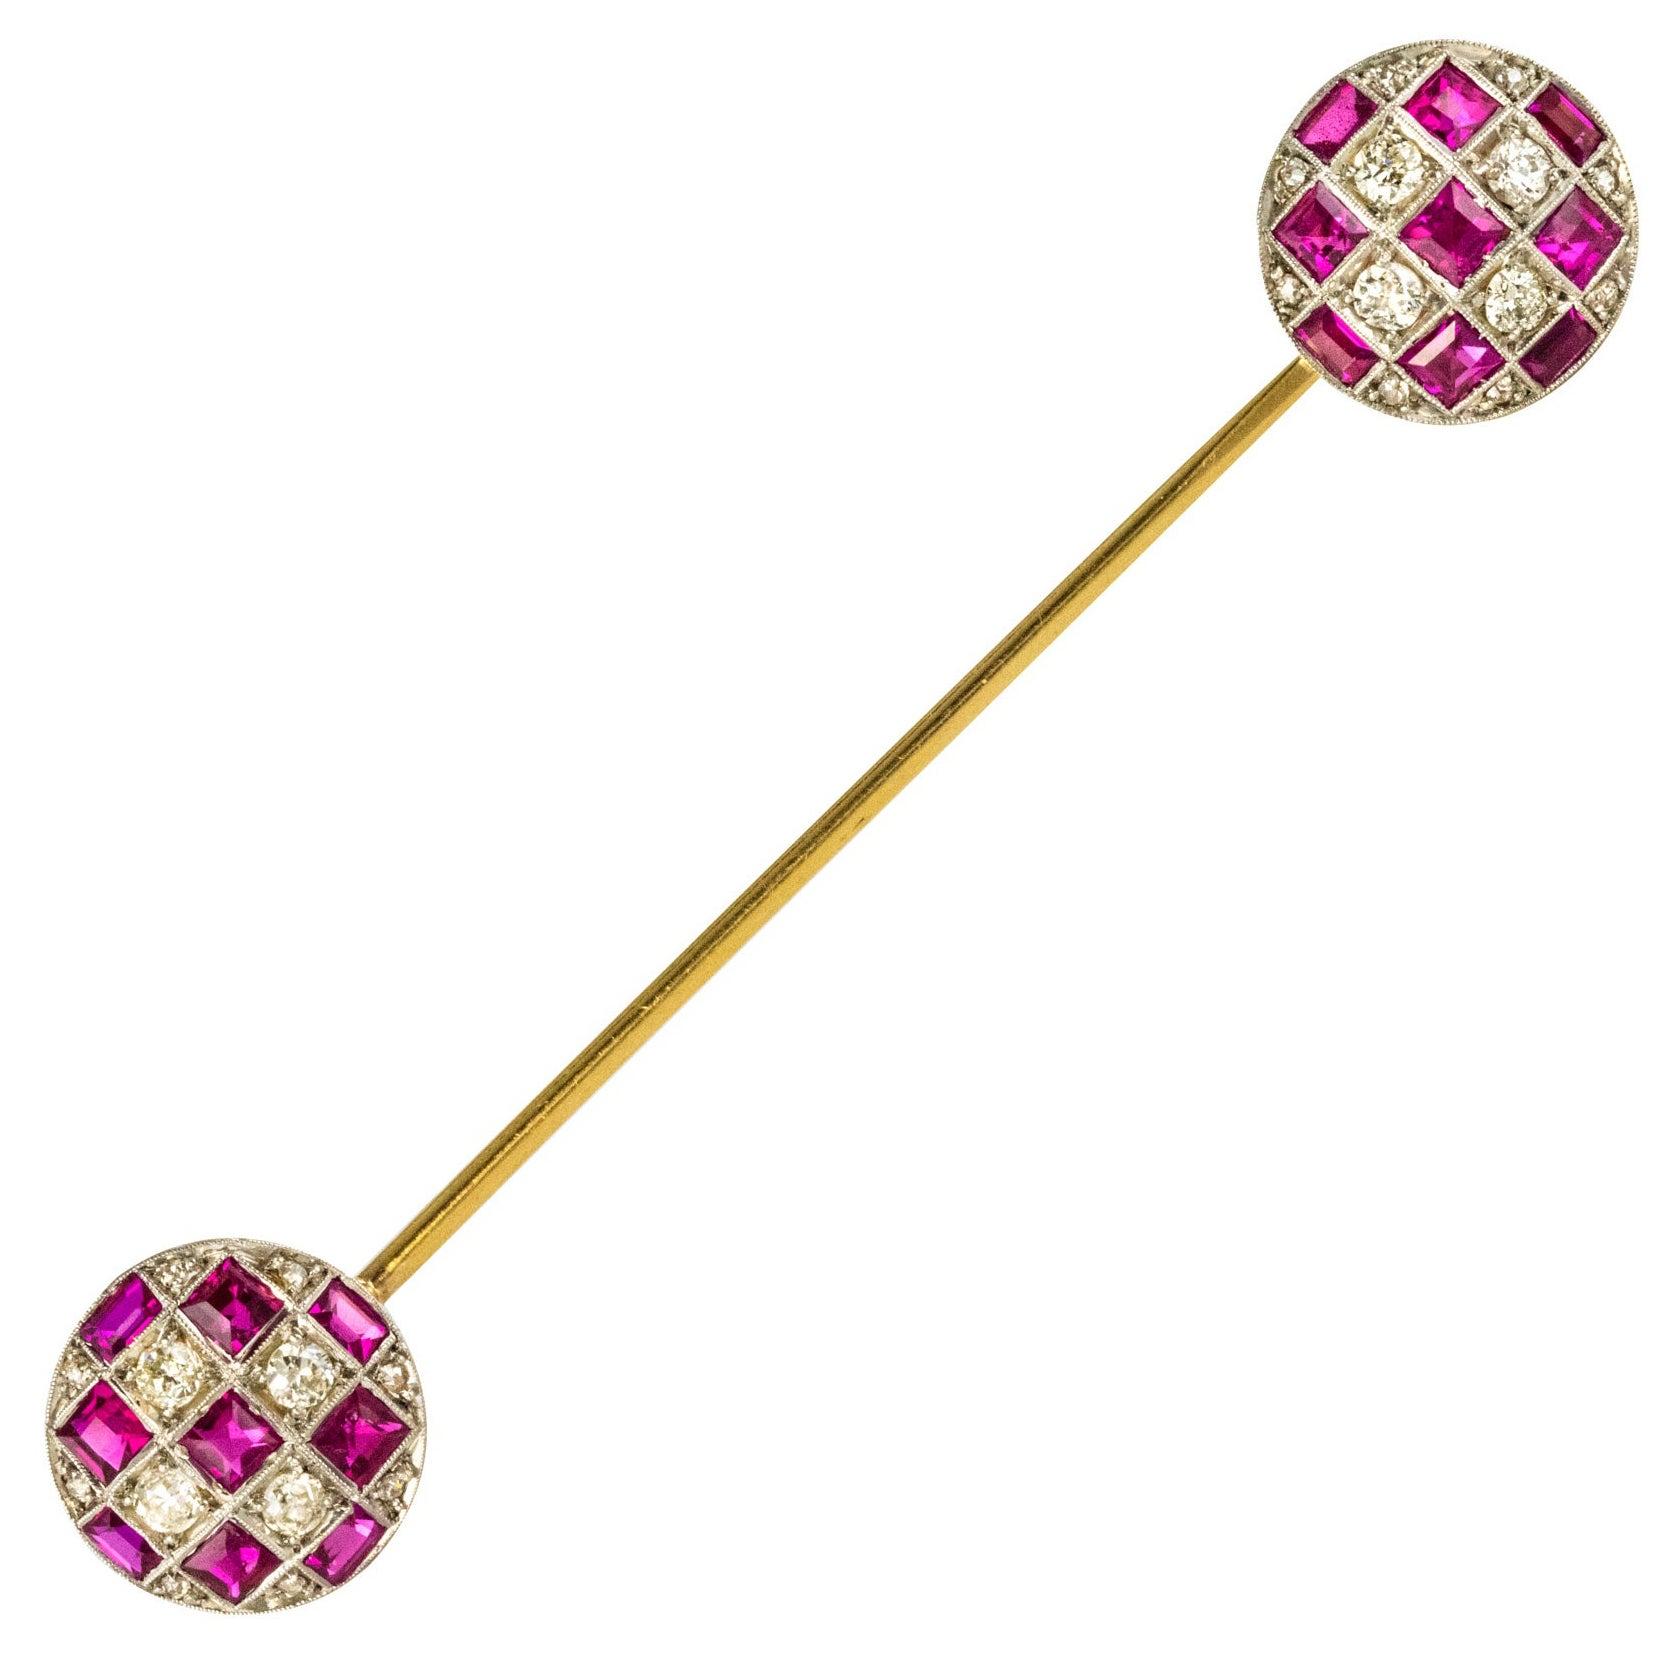 1900s Ruby Diamond Yellow Gold Jabot Pin